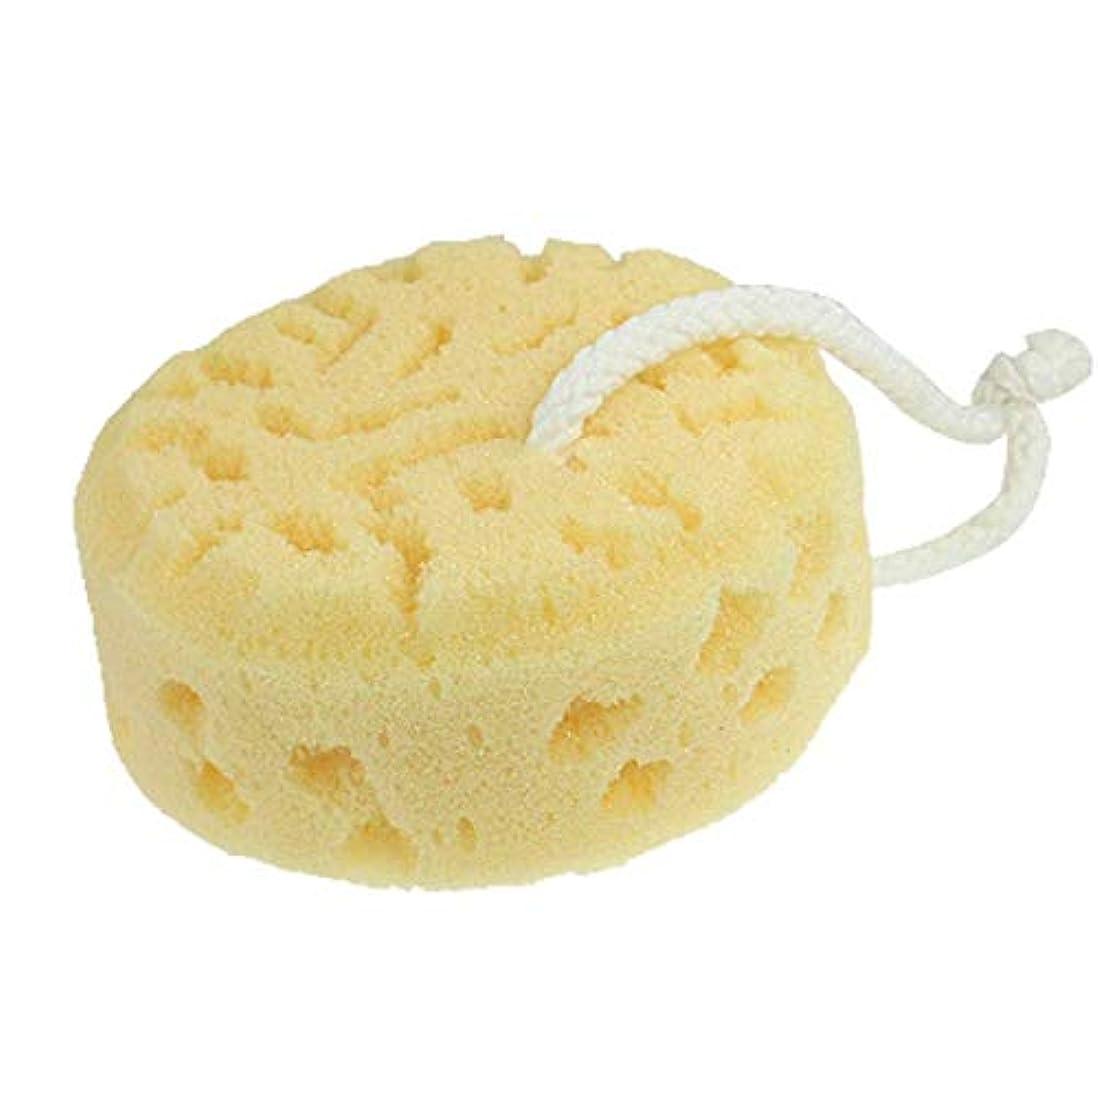 自動科学的事前Uotyle ボディスポンジ 泡立ち ふわふわ お風呂用 ボディ用ブラシ 肌にやさしい 浴用スポンジ